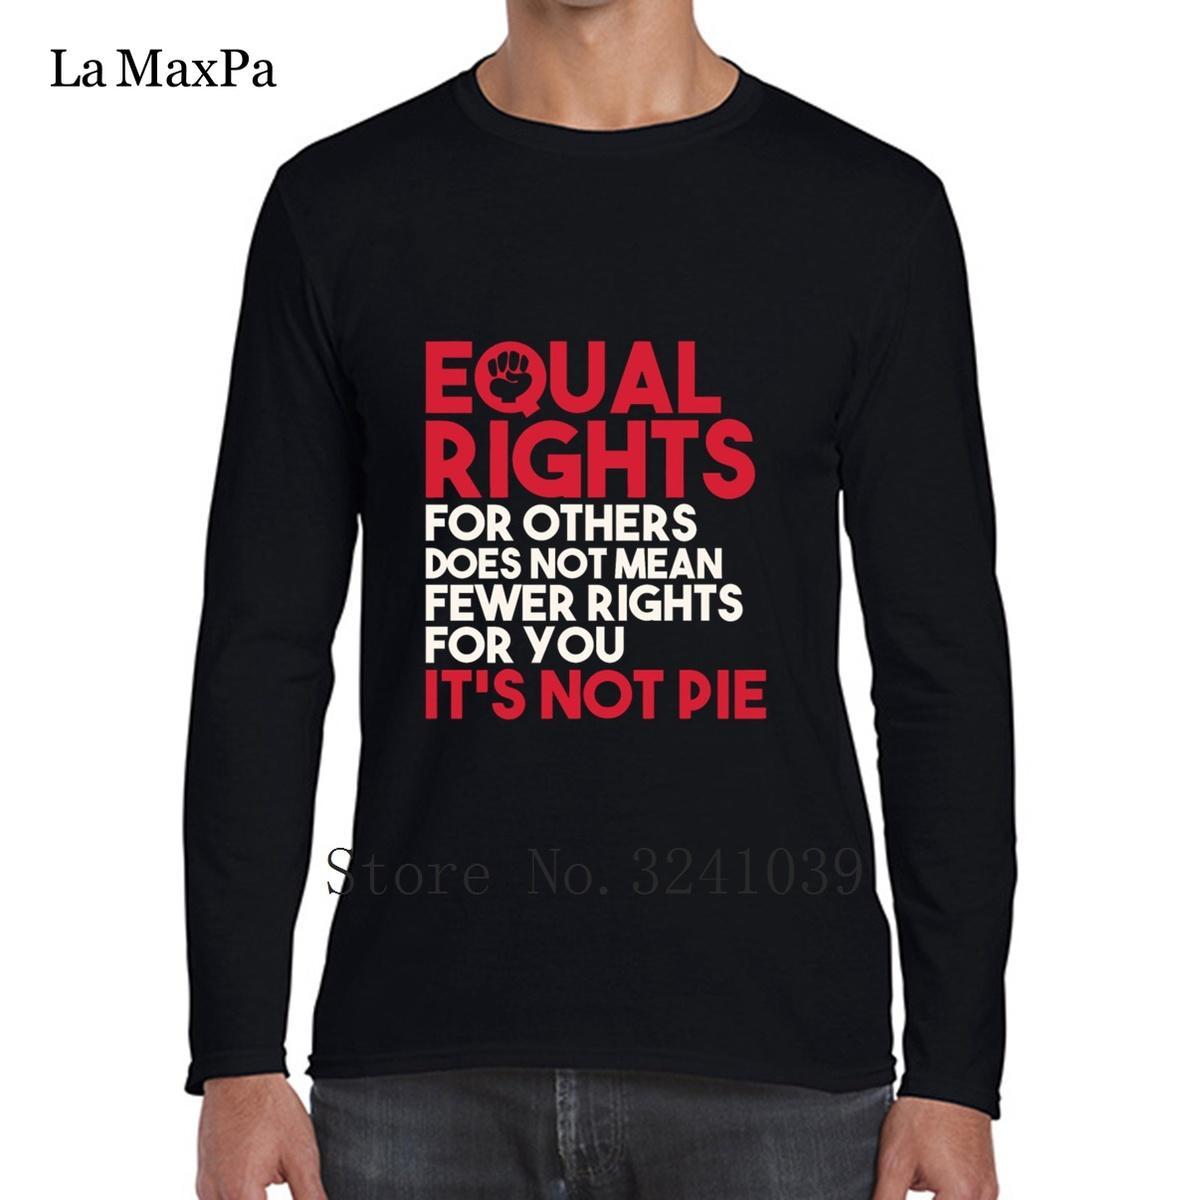 La Maxpa Famous Equal Rights Pour Les Autres Tee Shirts Pour Les Hommes Funky T-Shirt Pour Les Hommes 2018 À Manches Longues S-3xl Unisexe Hommes T Shirt